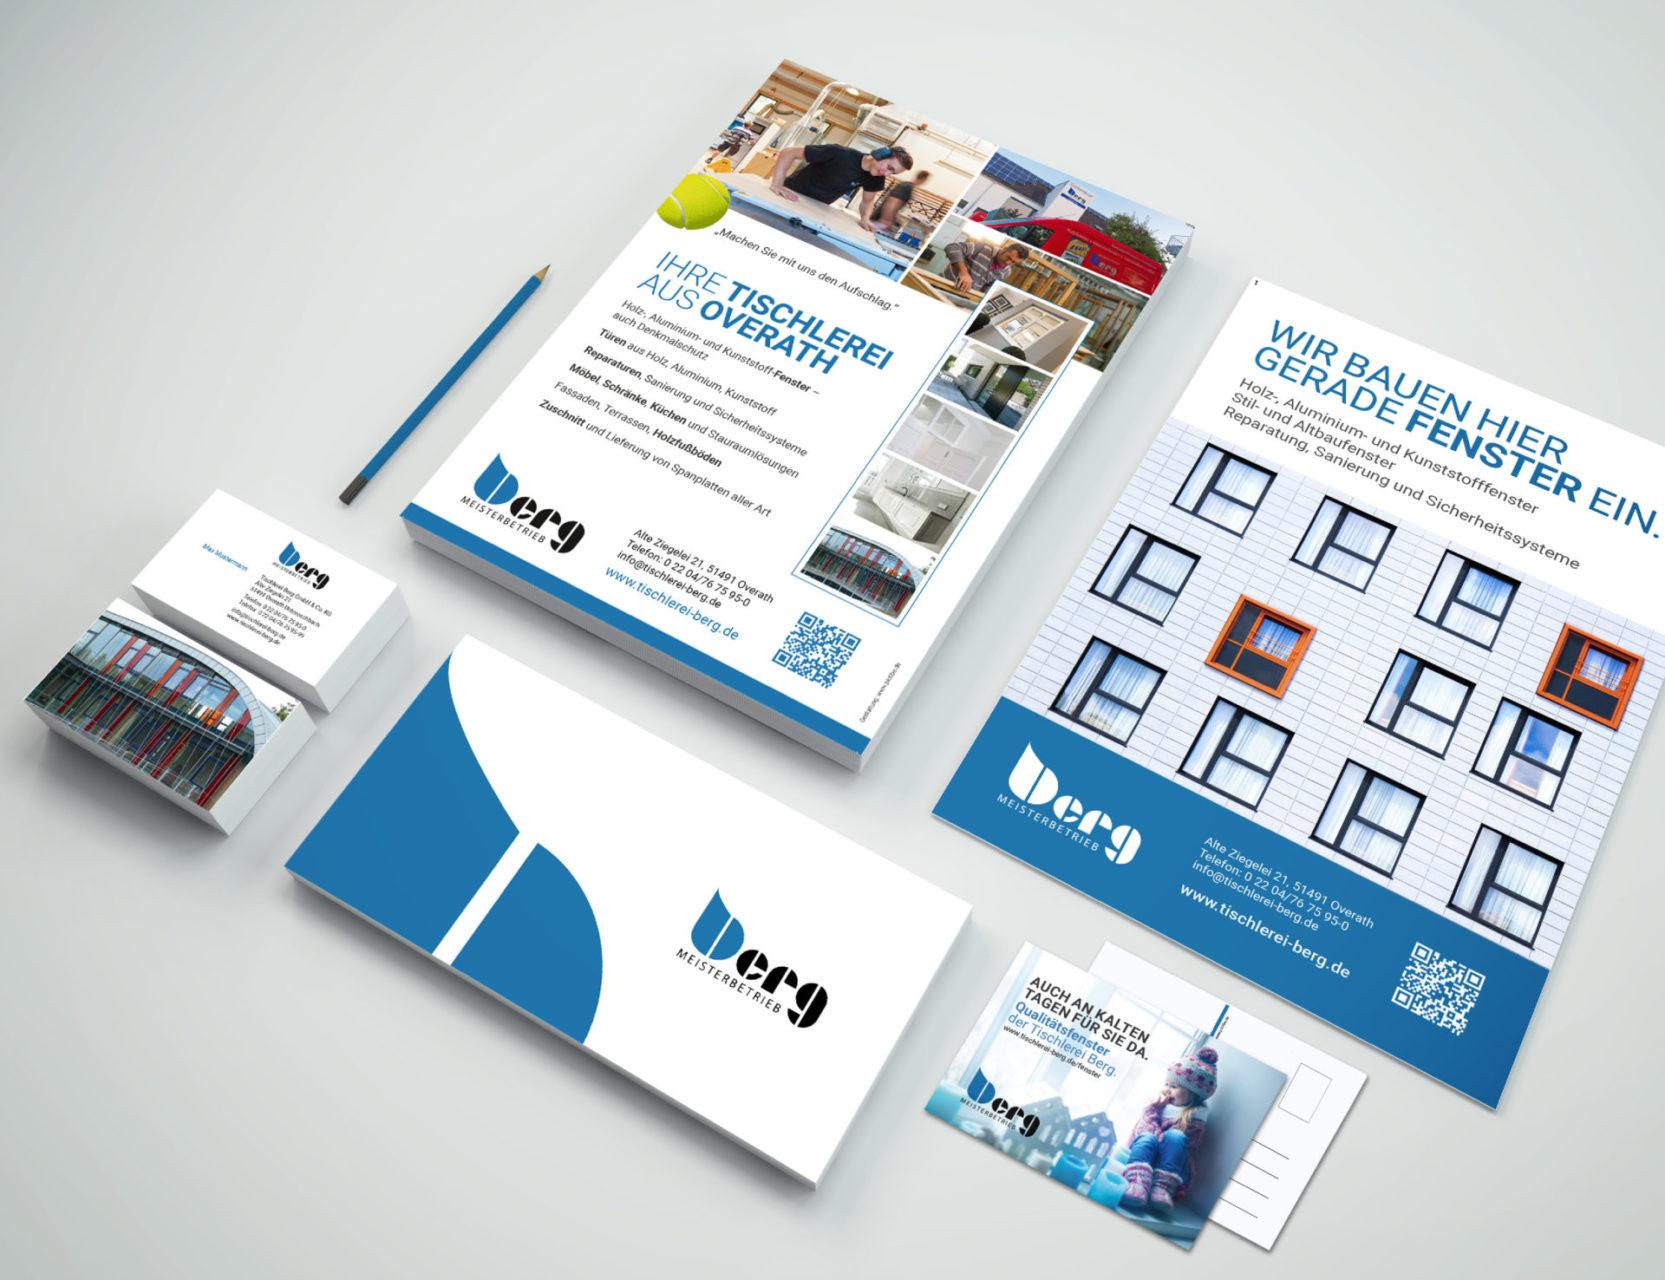 Tischlerei Berg Referenz 5 Druck Print Visitenkarten Briefpapier Briefumschlag Postkarte Flyer